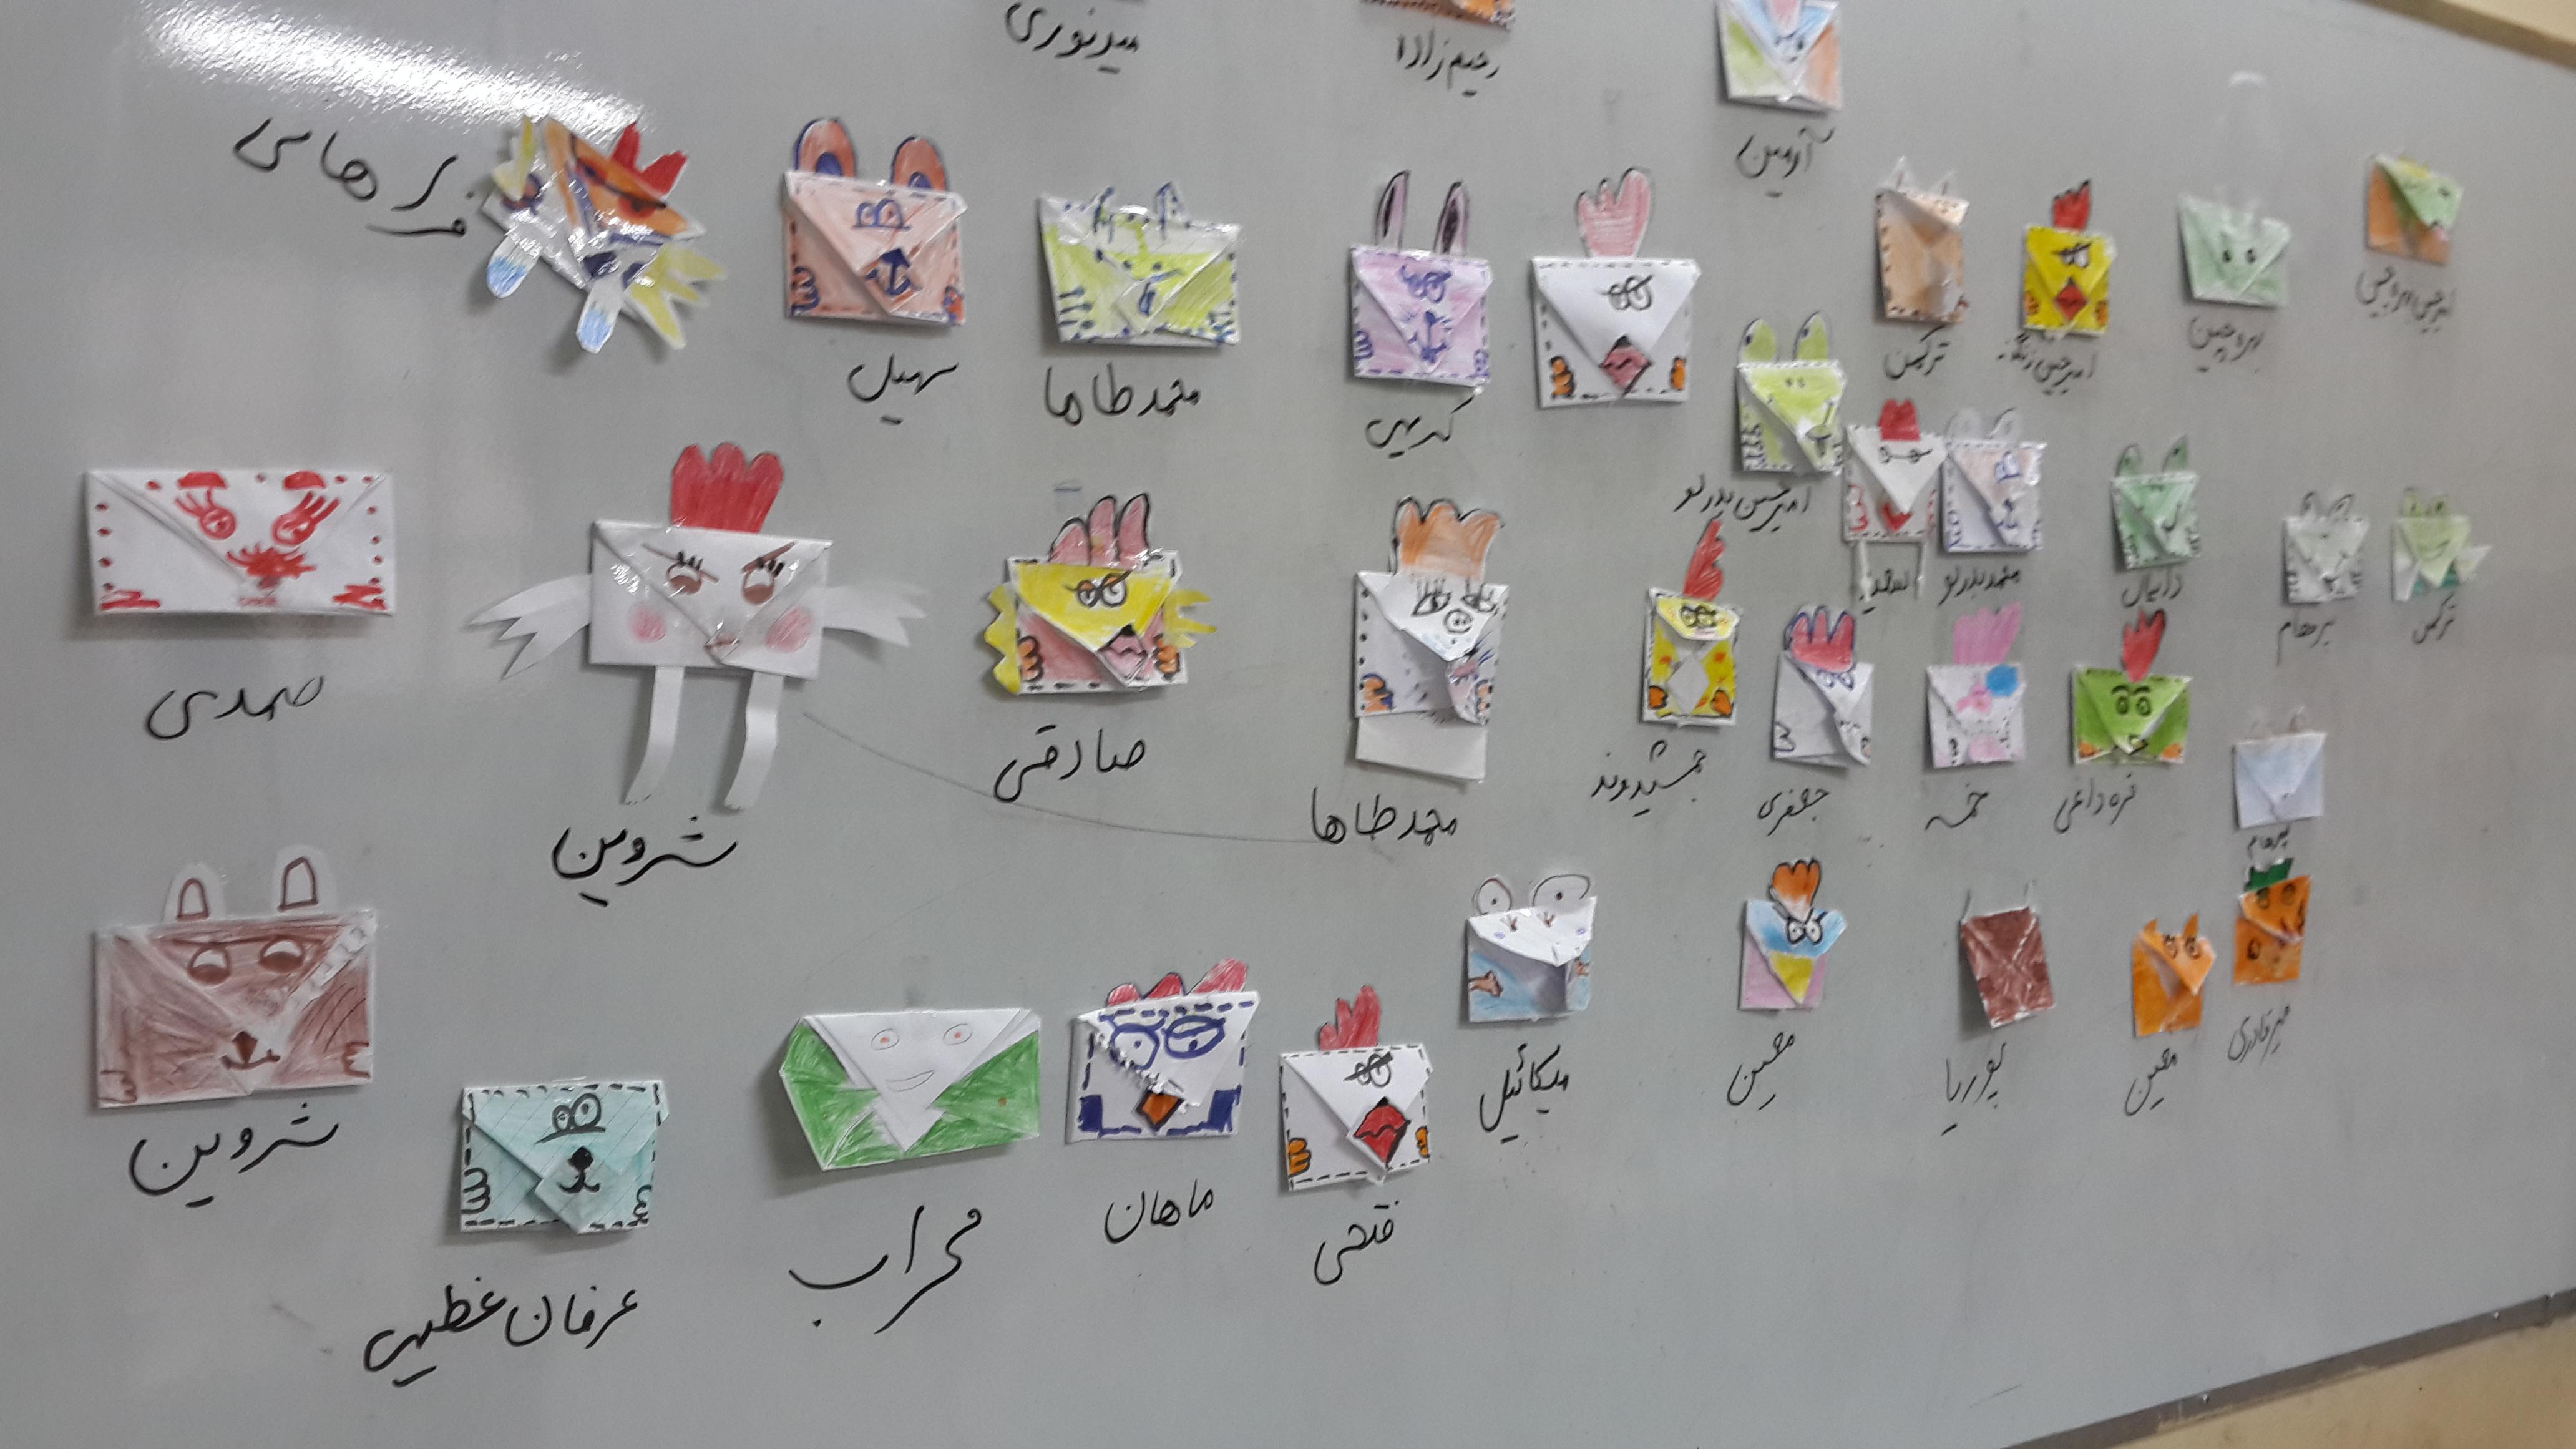 کلاسی برای بچه های خلاق - آموزش کاردستی